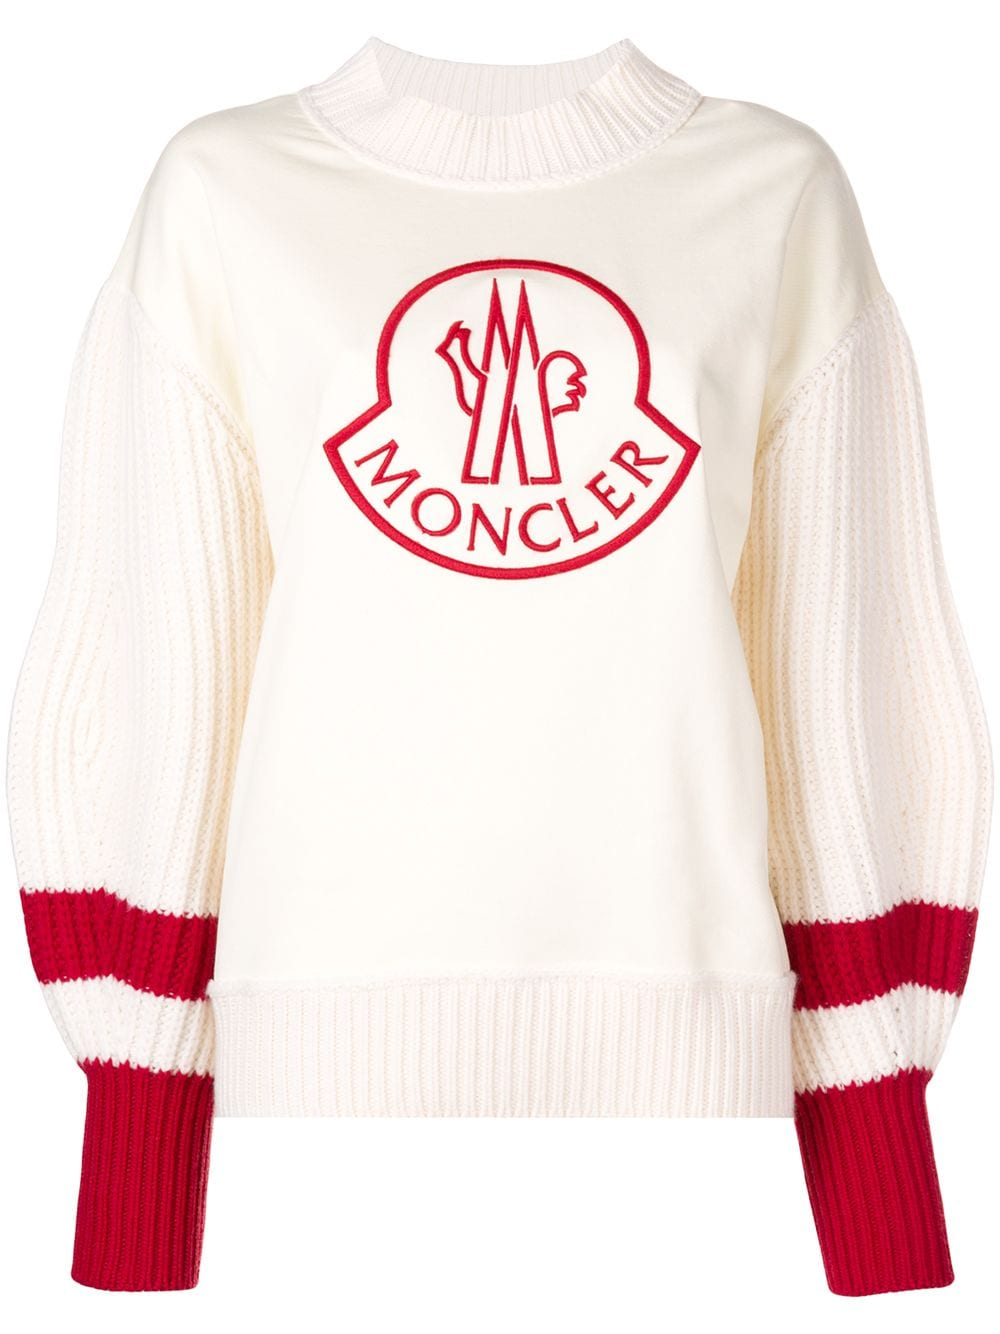 2 Moncler Genius 1952 Logo Sweater